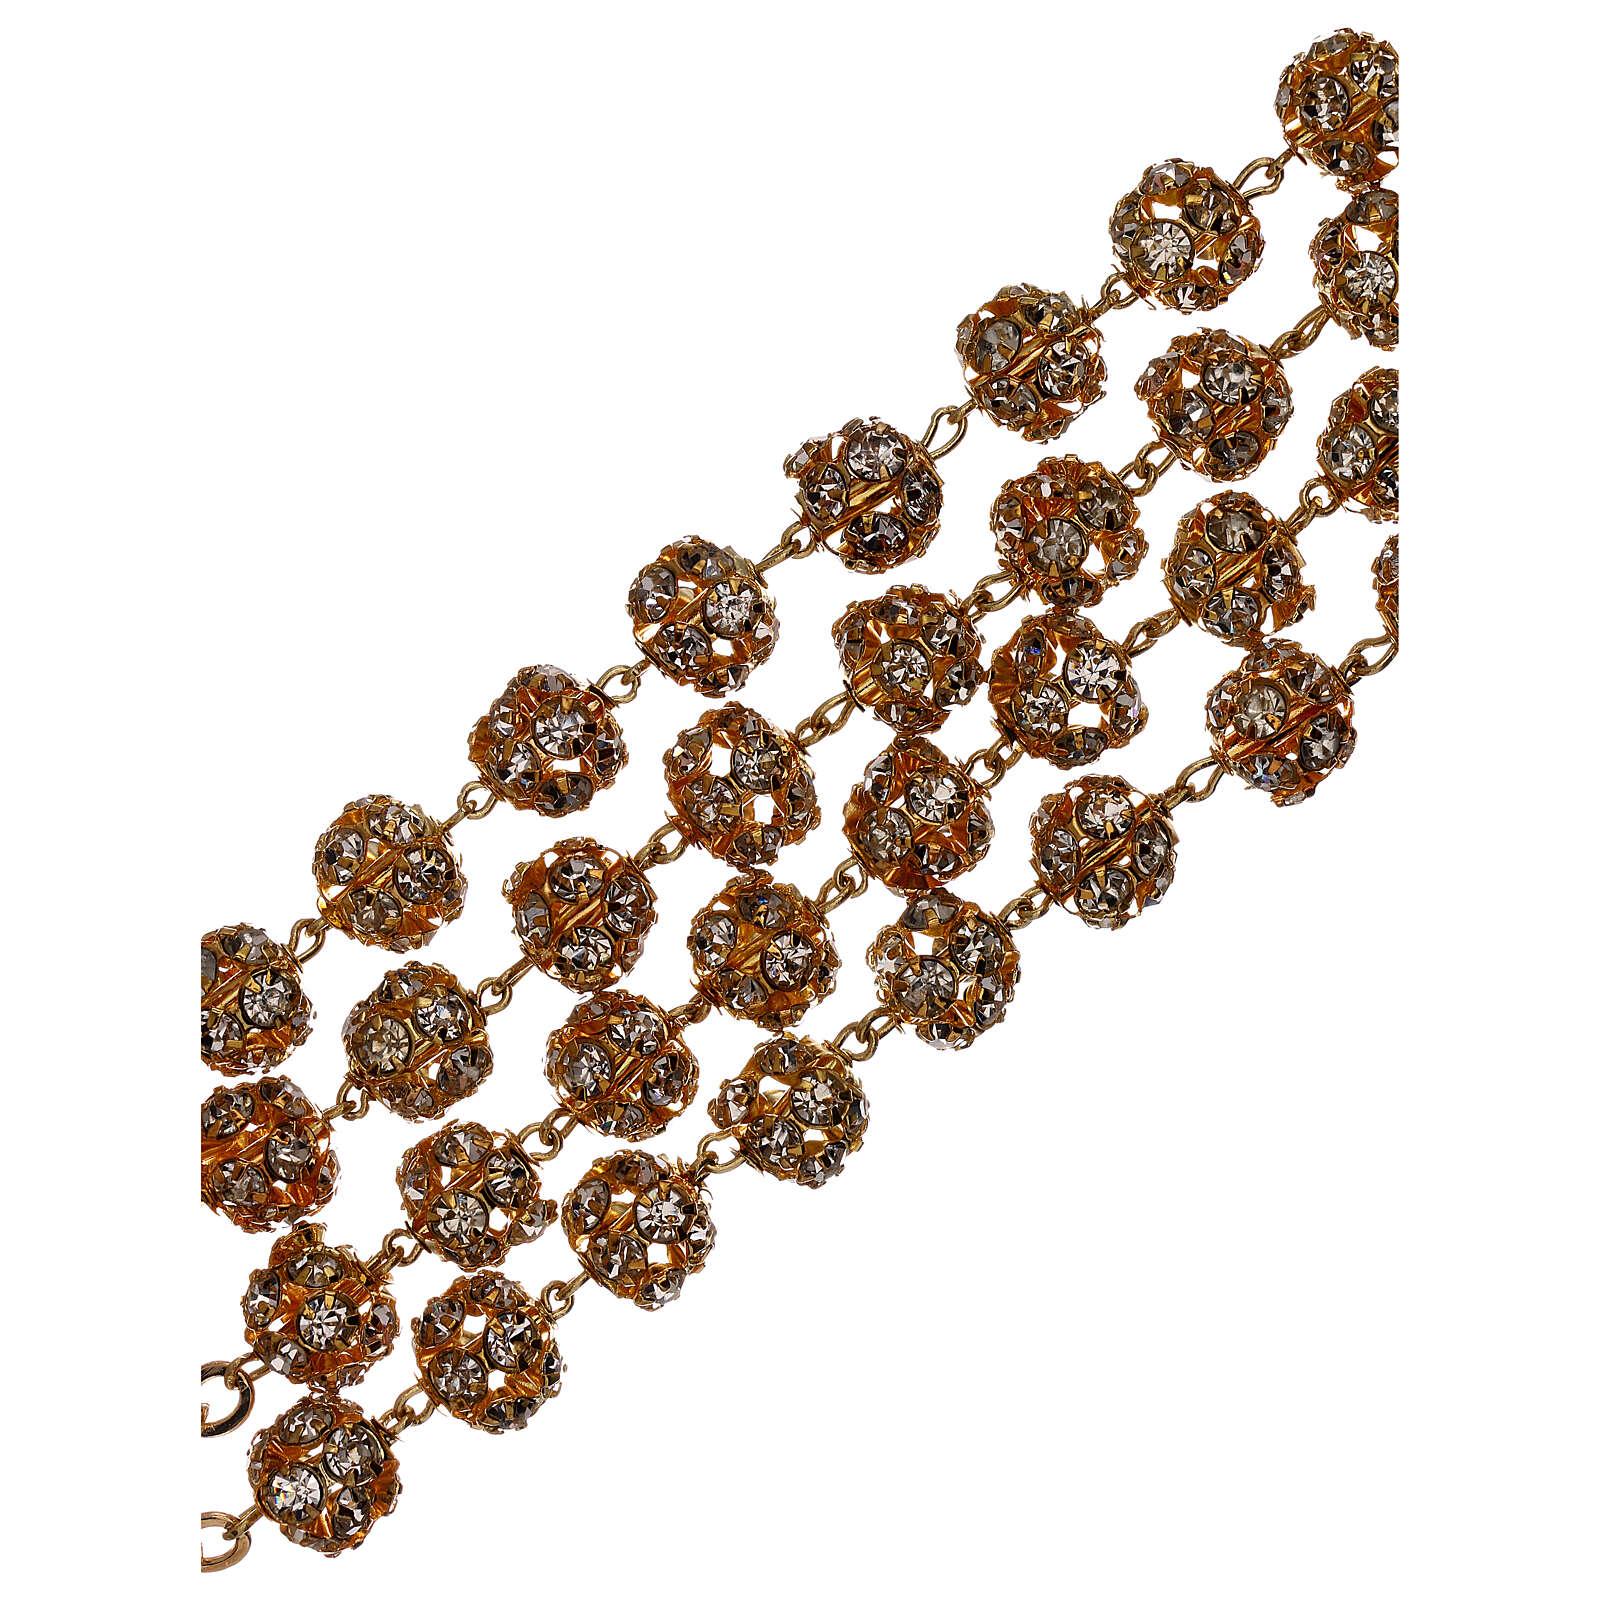 Chapelet mariage doré grains cristal 5 mm 4